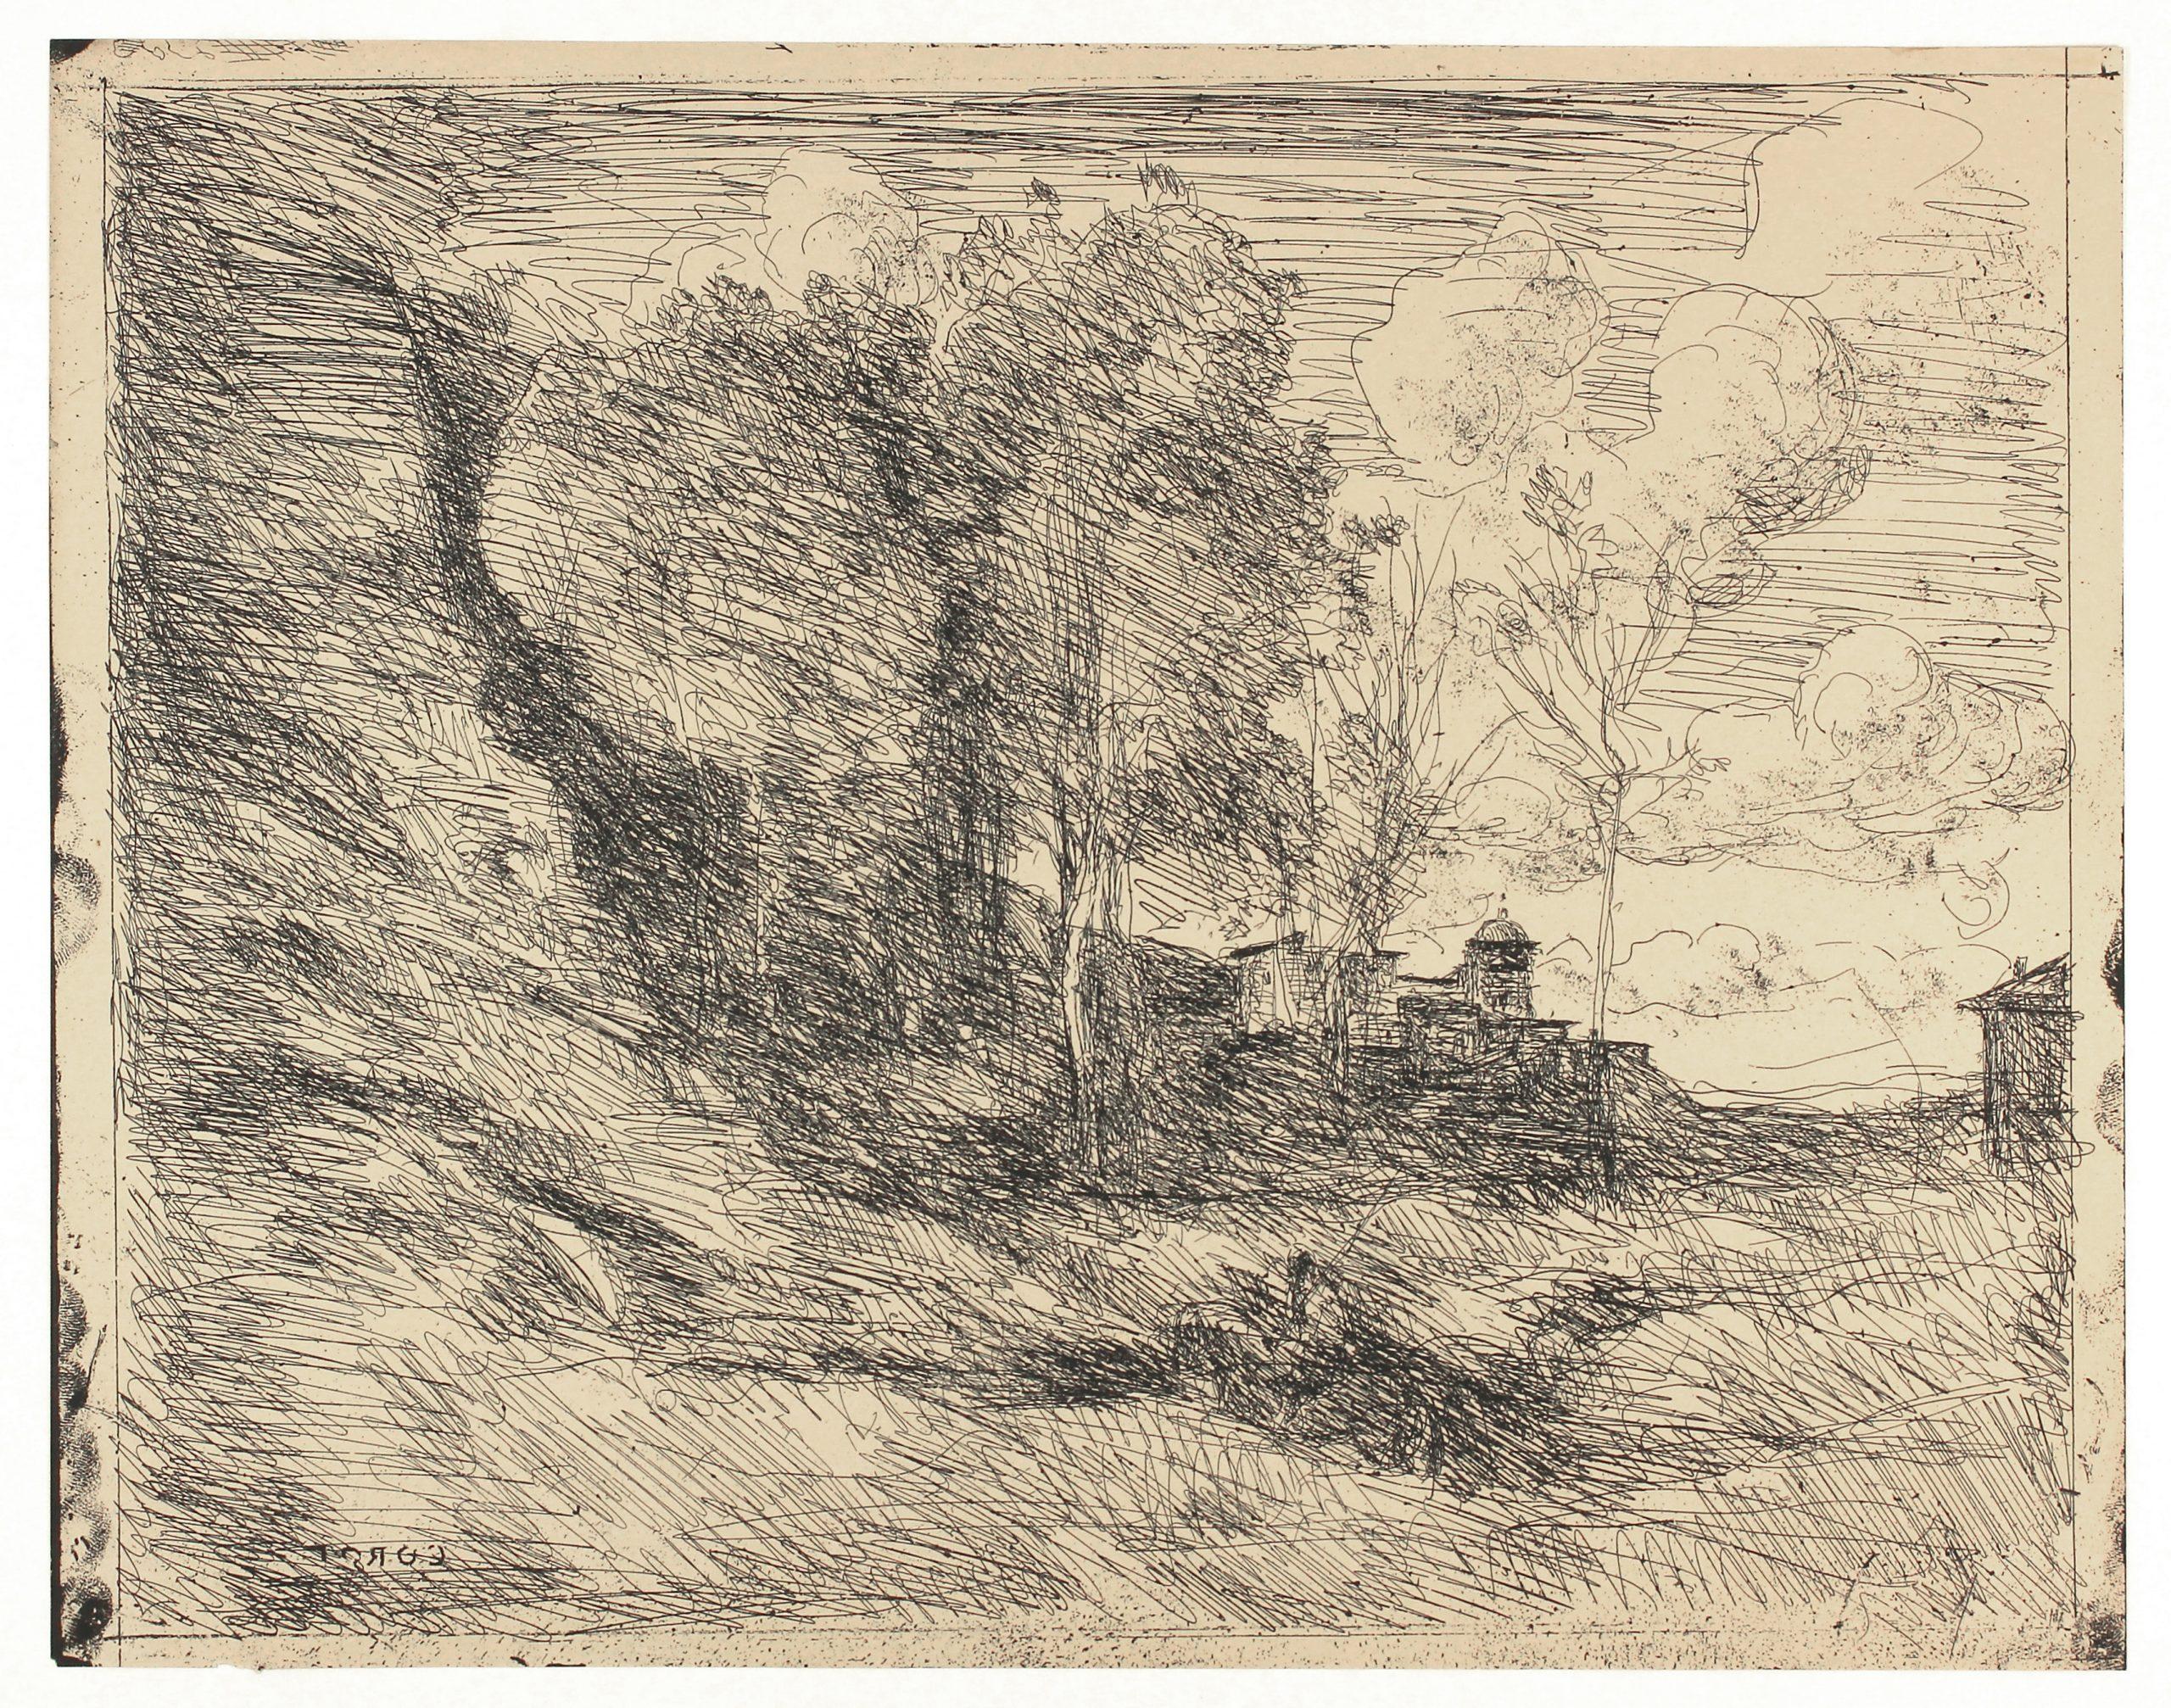 Souvenir D'ostie by Jean-Baptiste-Camille Corot